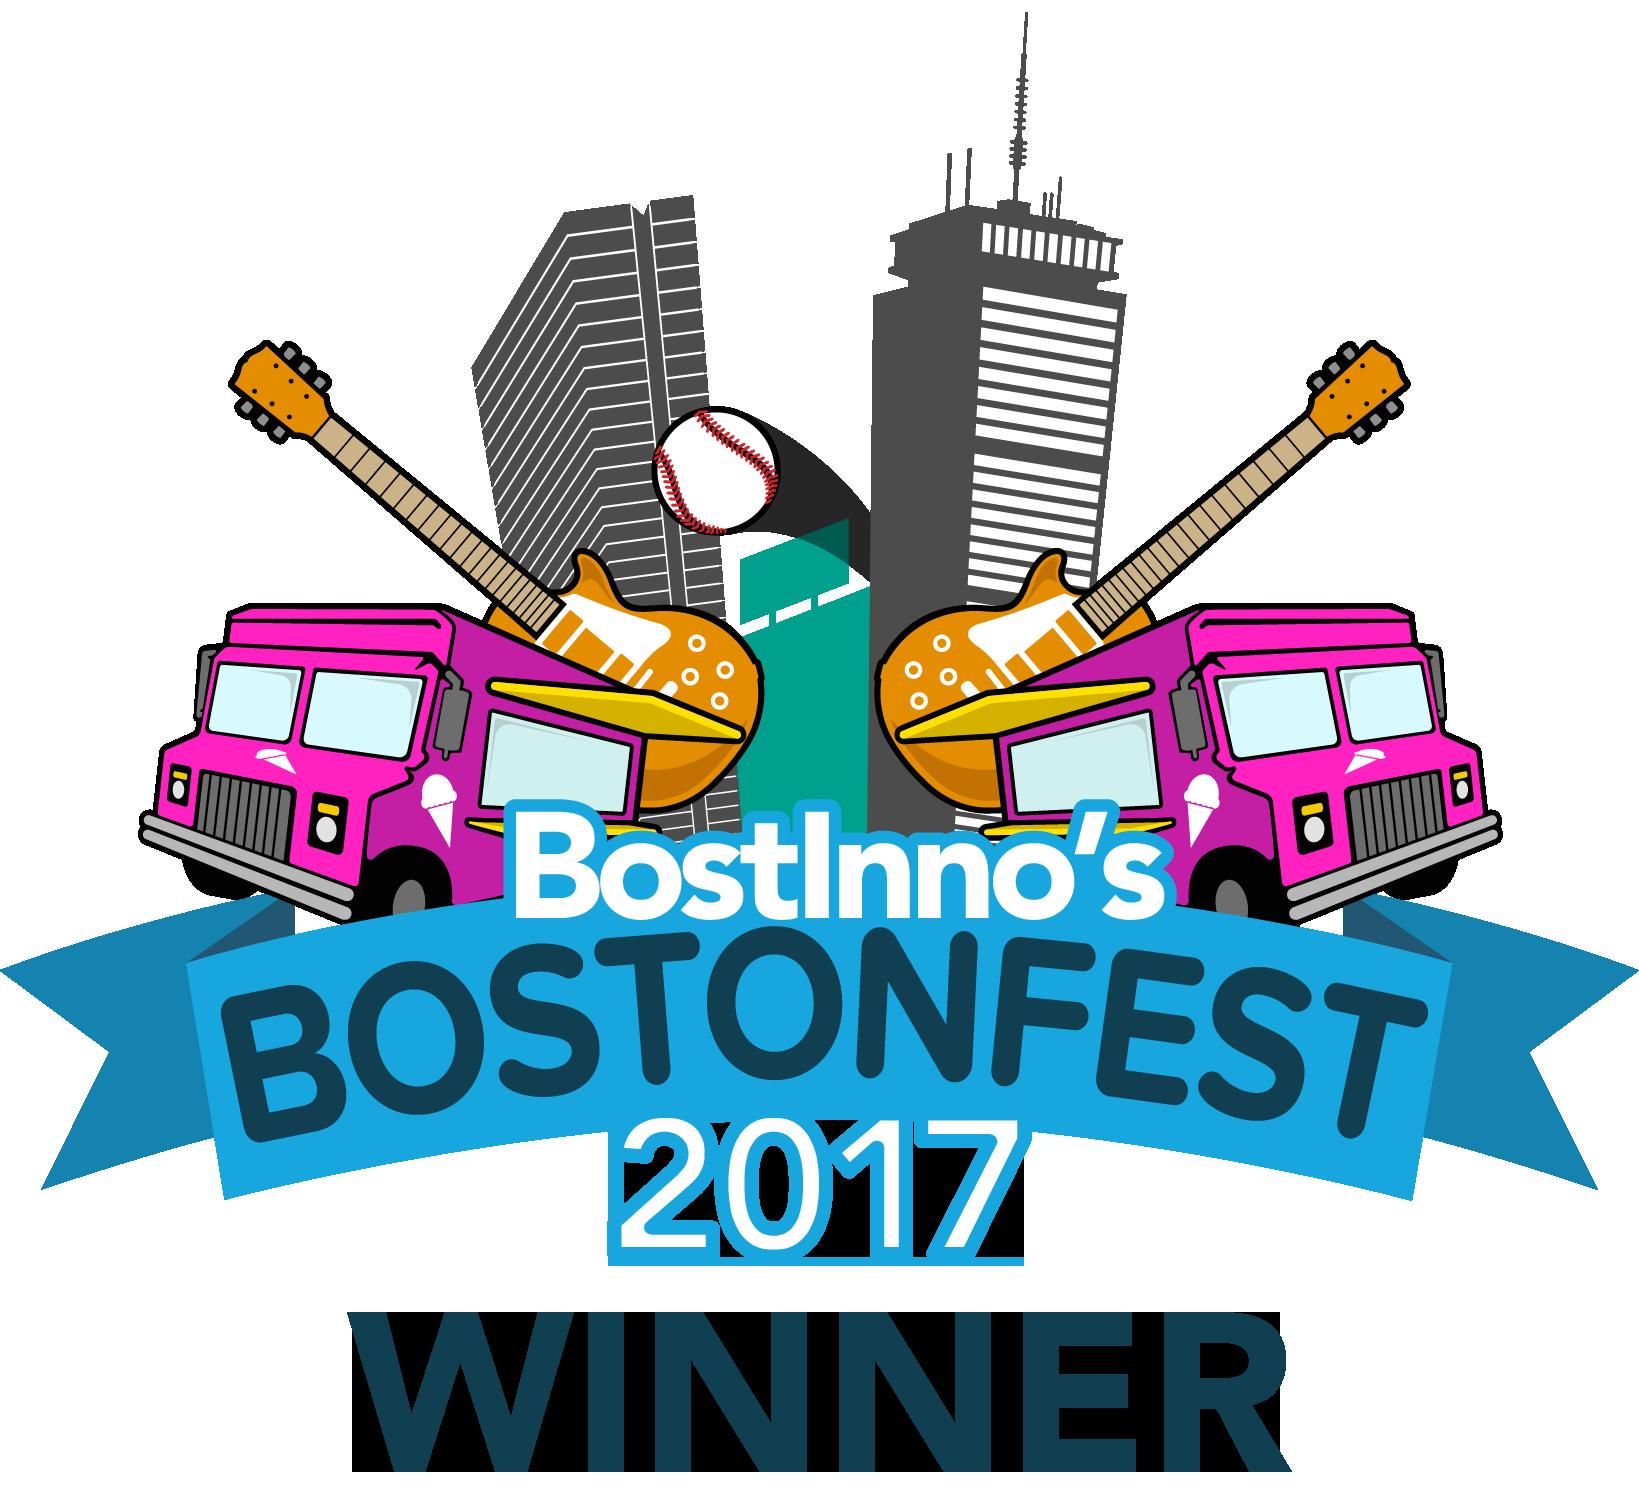 BostonFest-WINNER.png